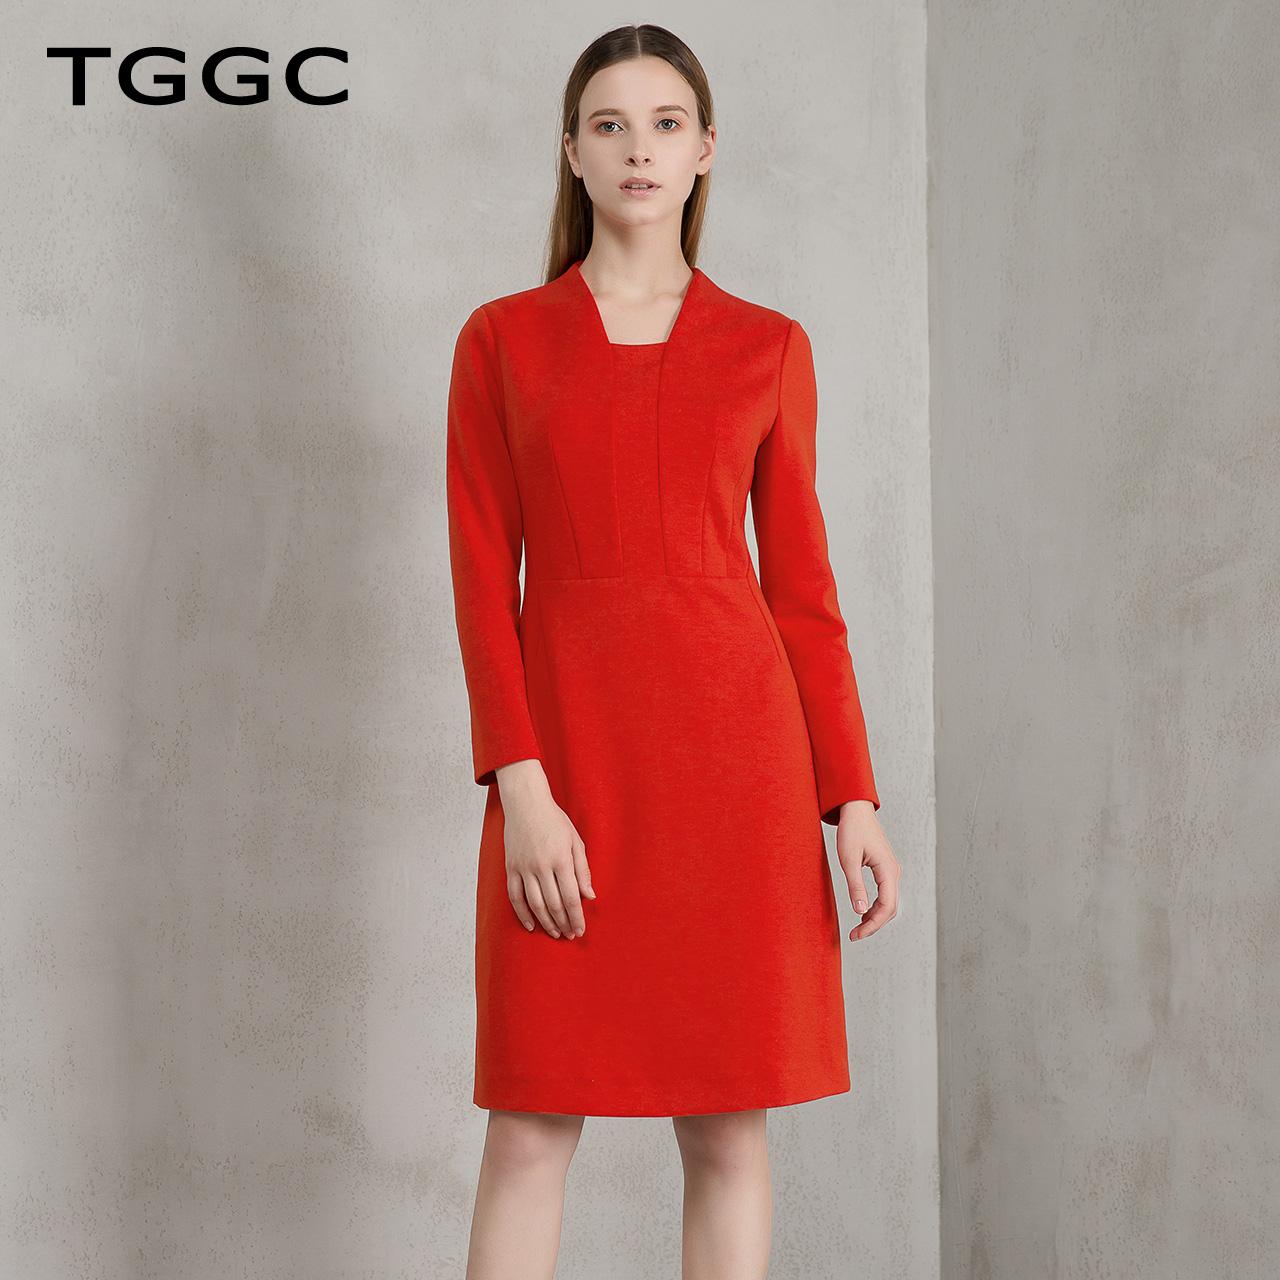 TGGC 2017冬装新款 通勤长袖开衩女中裙纯色高腰修身连衣裙F21676